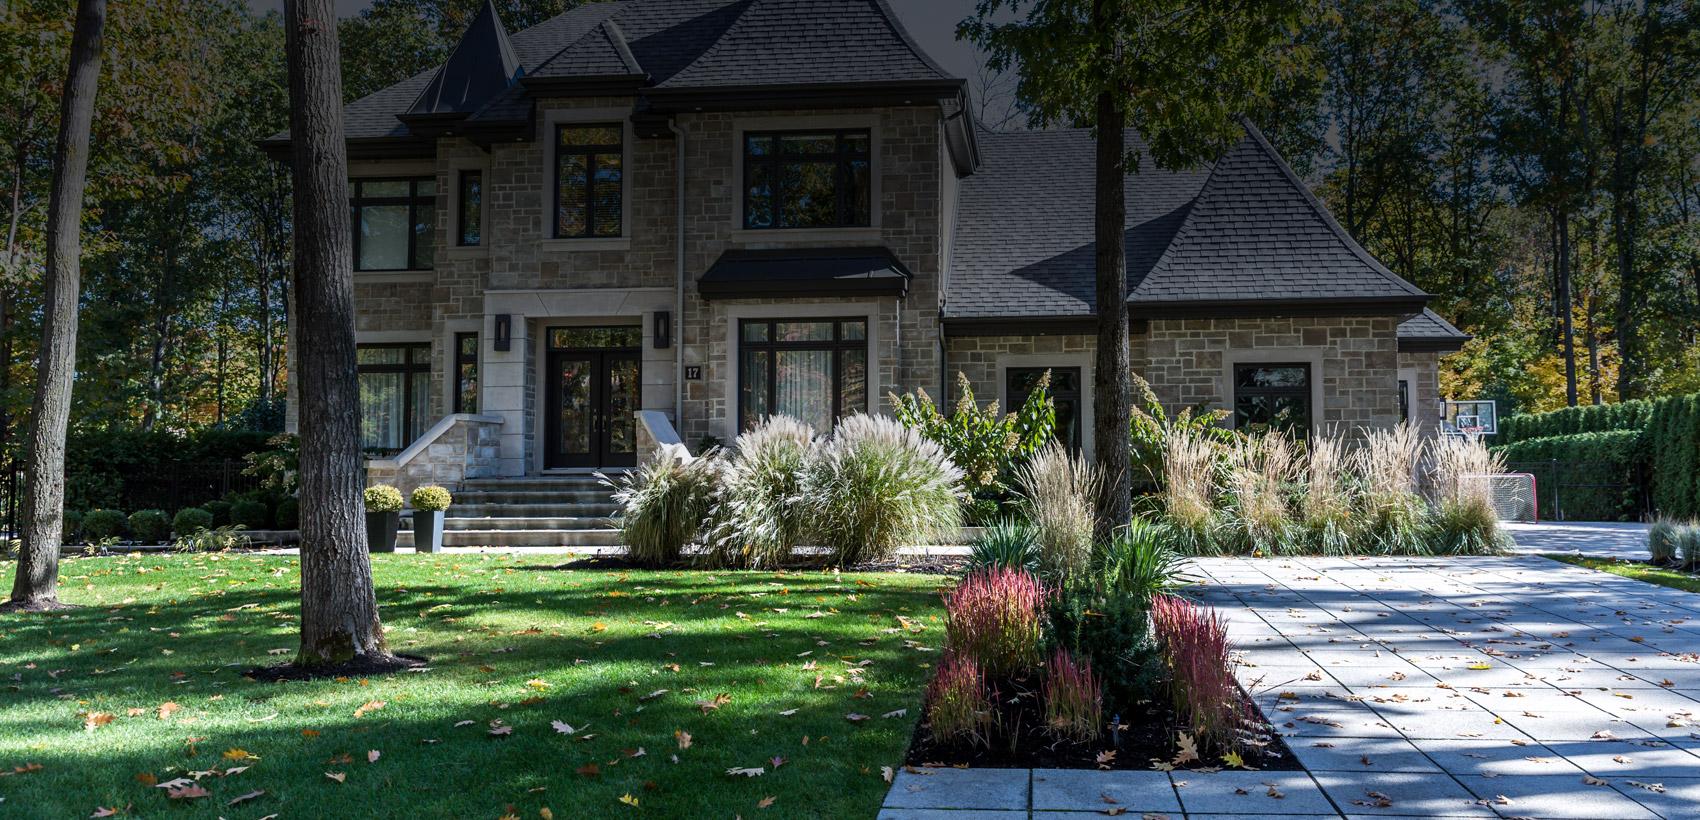 Entretien de pelouse résidentiel, aménagement paysager, taille de végétaux